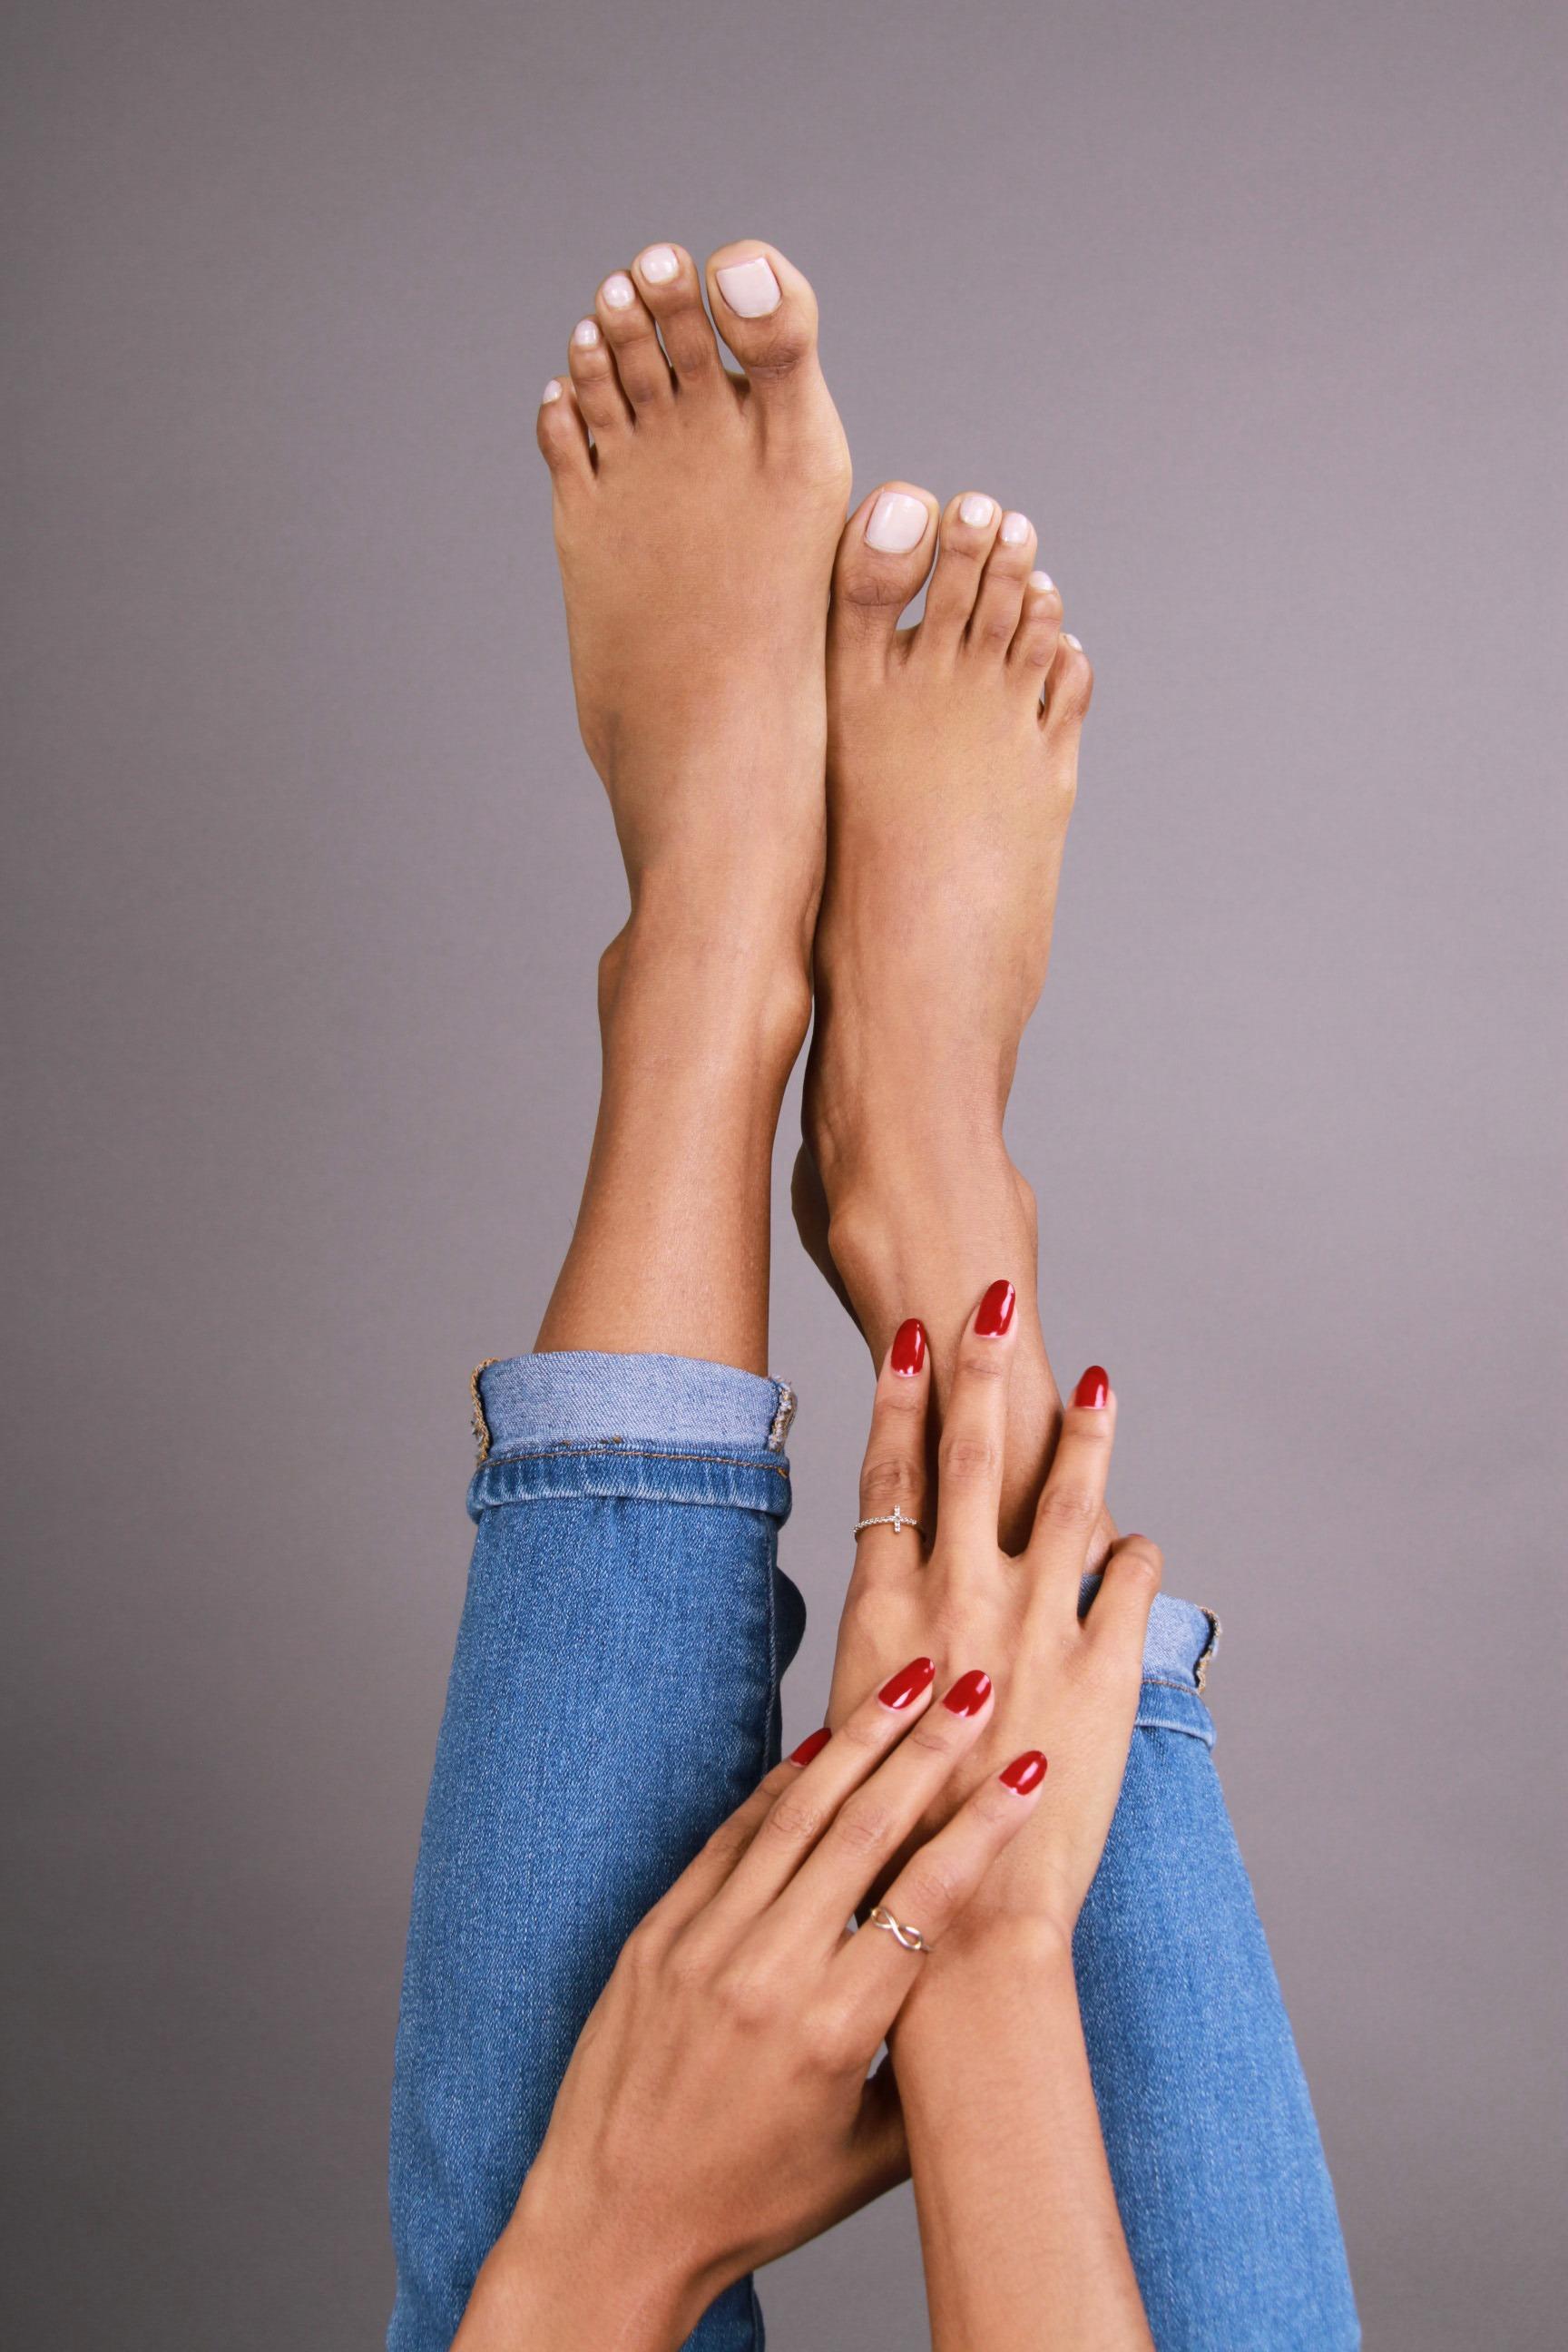 Elizabeth Grullon_Feet7